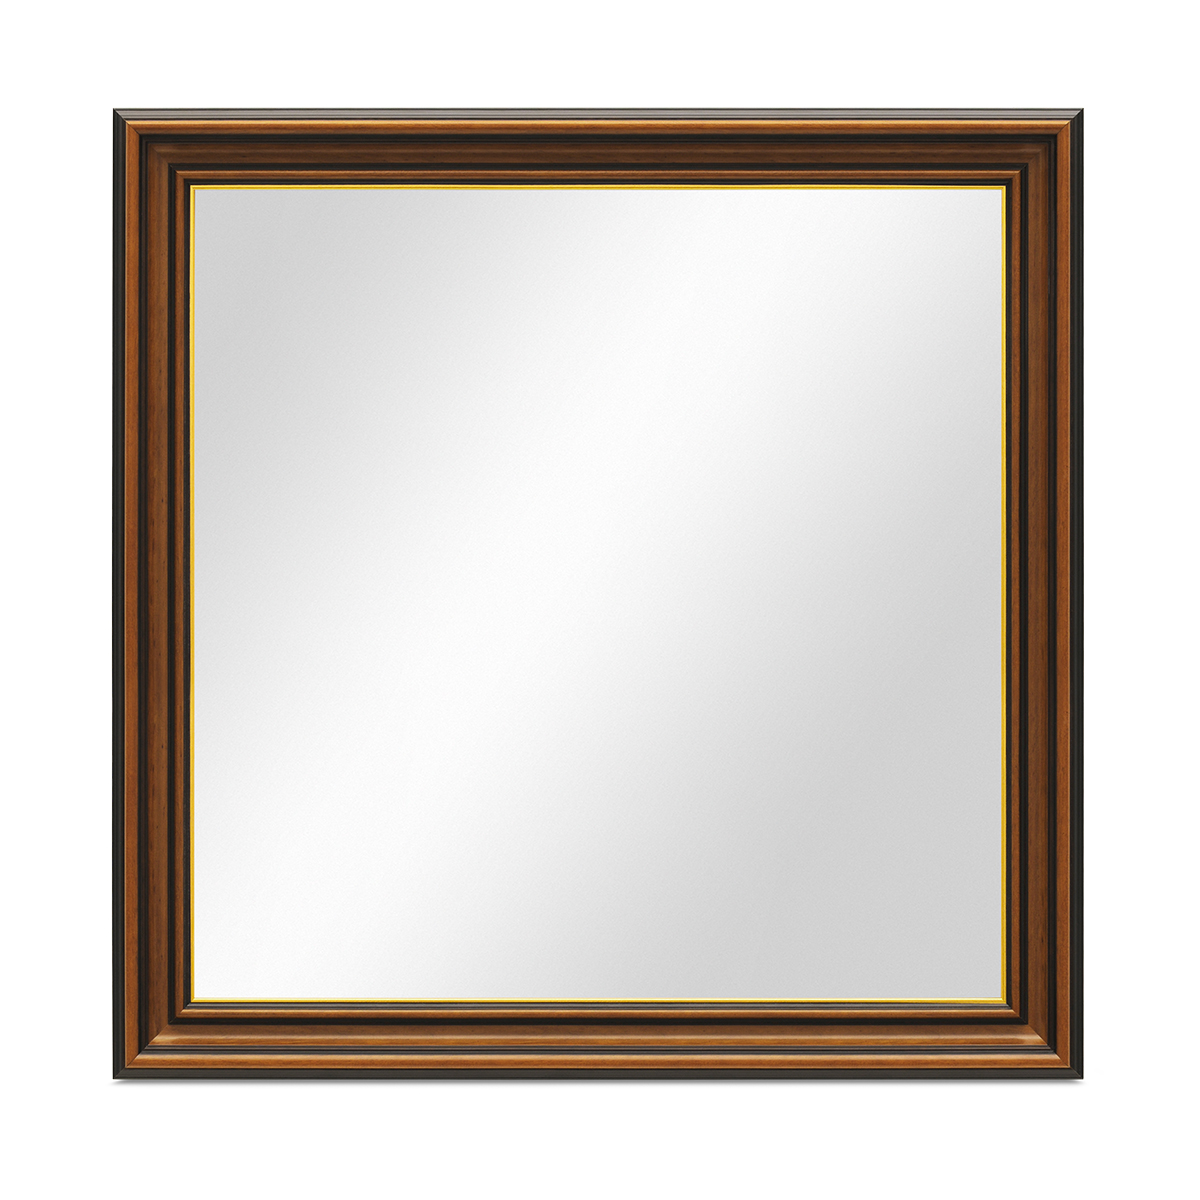 wand spiegel 70x70 cm im holzrahmen antik breit dunkelbraun mit goldkante quadratisch. Black Bedroom Furniture Sets. Home Design Ideas